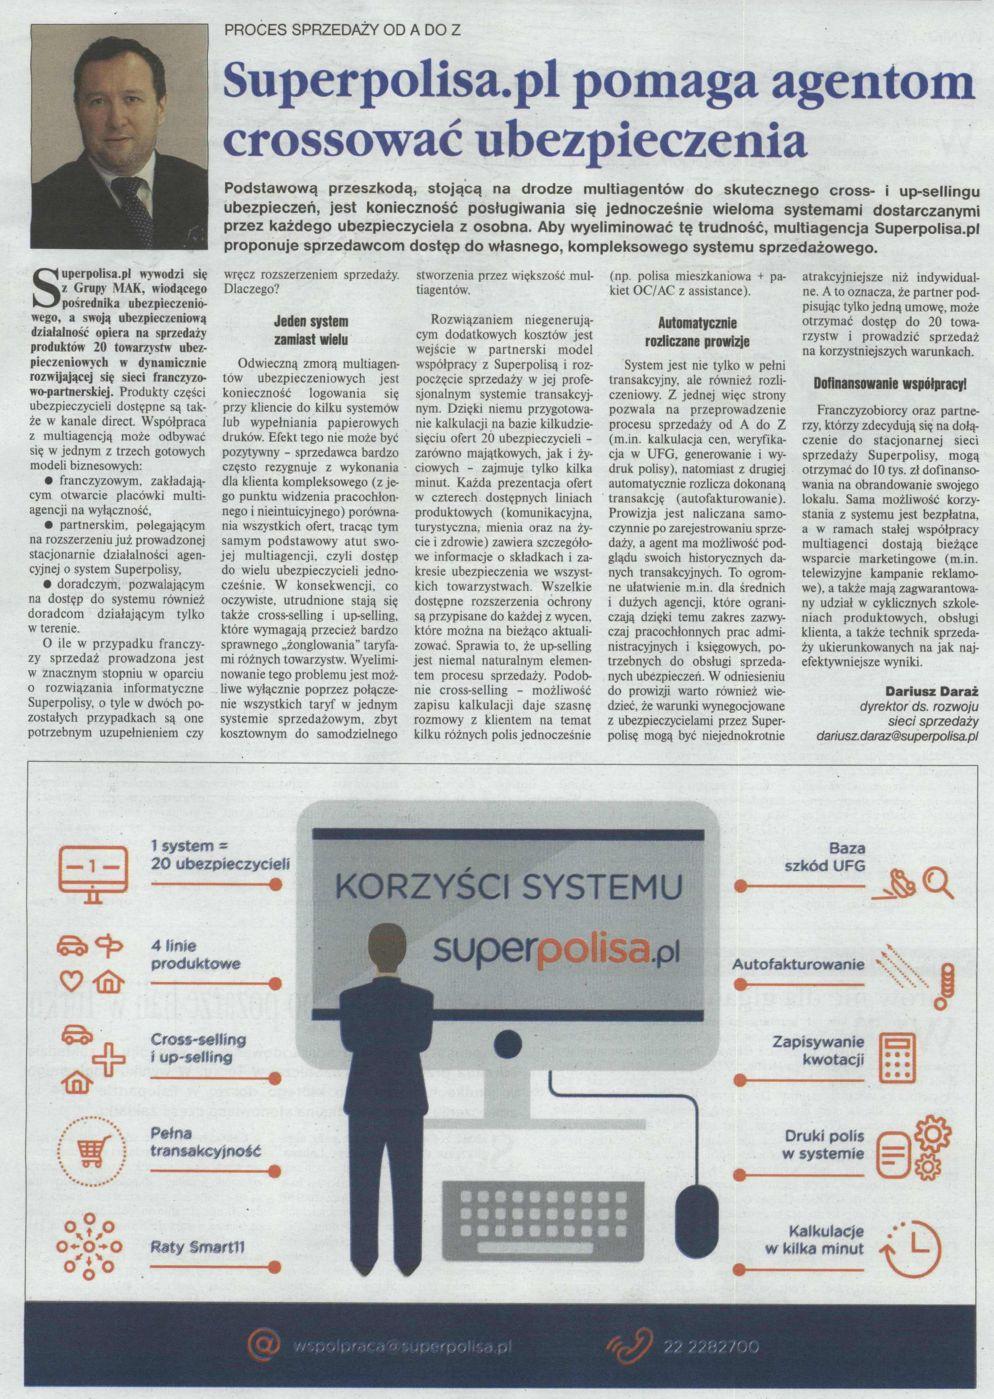 """""""Superpolisa.pl pomaga agentom crossować ubezpieczenia"""" – Gazeta Ubezpieczeniowa"""